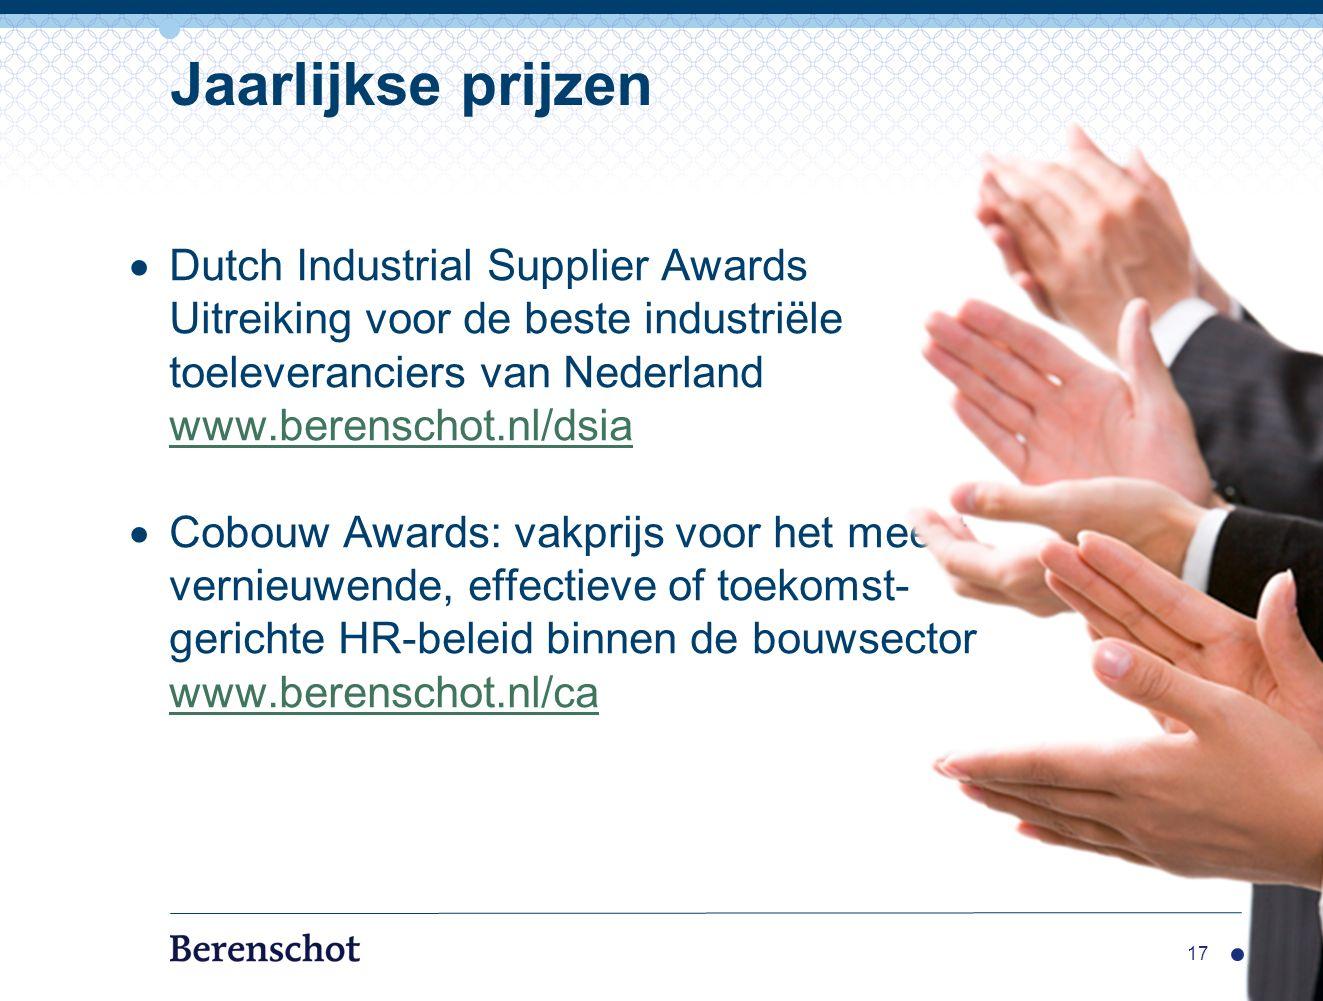  Dutch Industrial Supplier Awards Uitreiking voor de beste industriële toeleveranciers van Nederland www.berenschot.nl/dsia www.berenschot.nl/dsia  Cobouw Awards: vakprijs voor het meest vernieuwende, effectieve of toekomst- gerichte HR-beleid binnen de bouwsector www.berenschot.nl/ca 17 Jaarlijkse prijzen